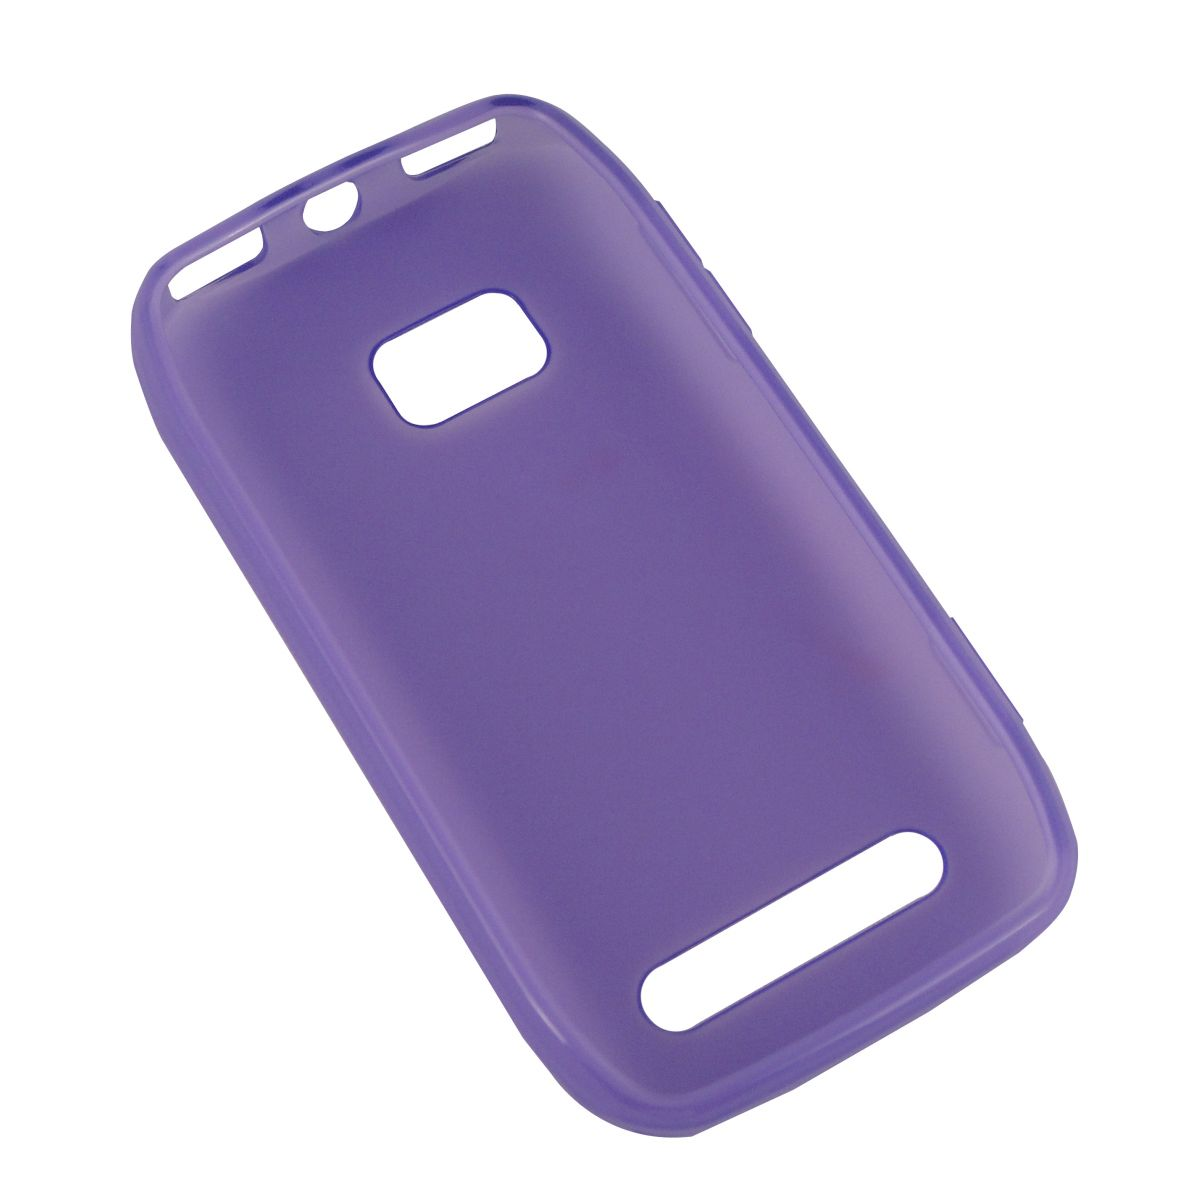 Capa de Tpu para Nokia Lumia 710 N710 + Película Lilas